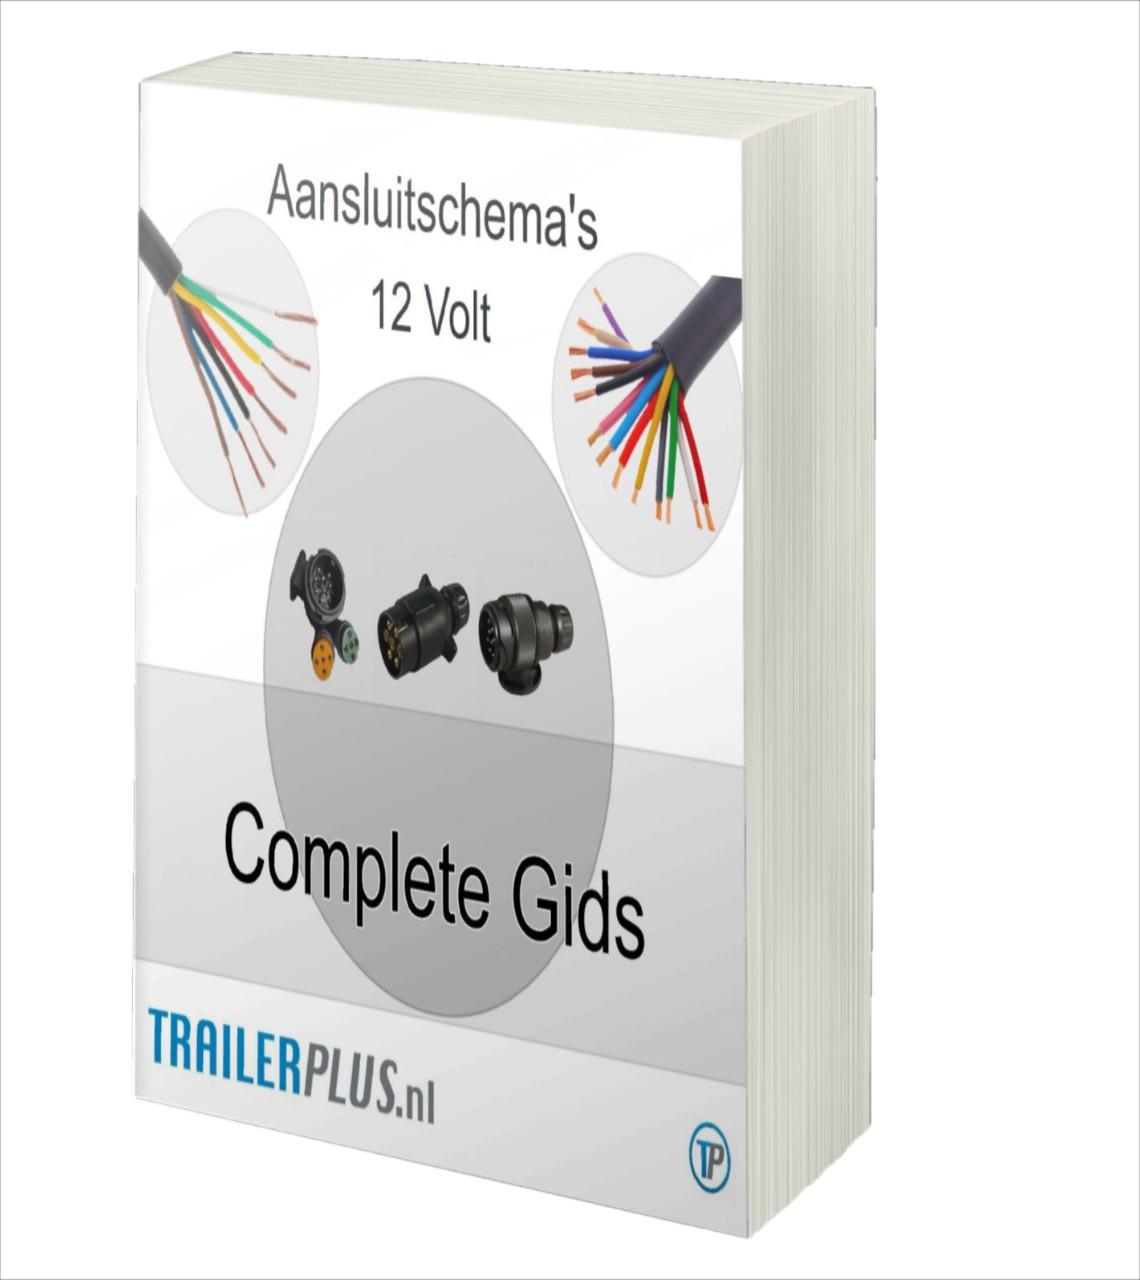 ebook-aansluitschema-3d-cover-1.png